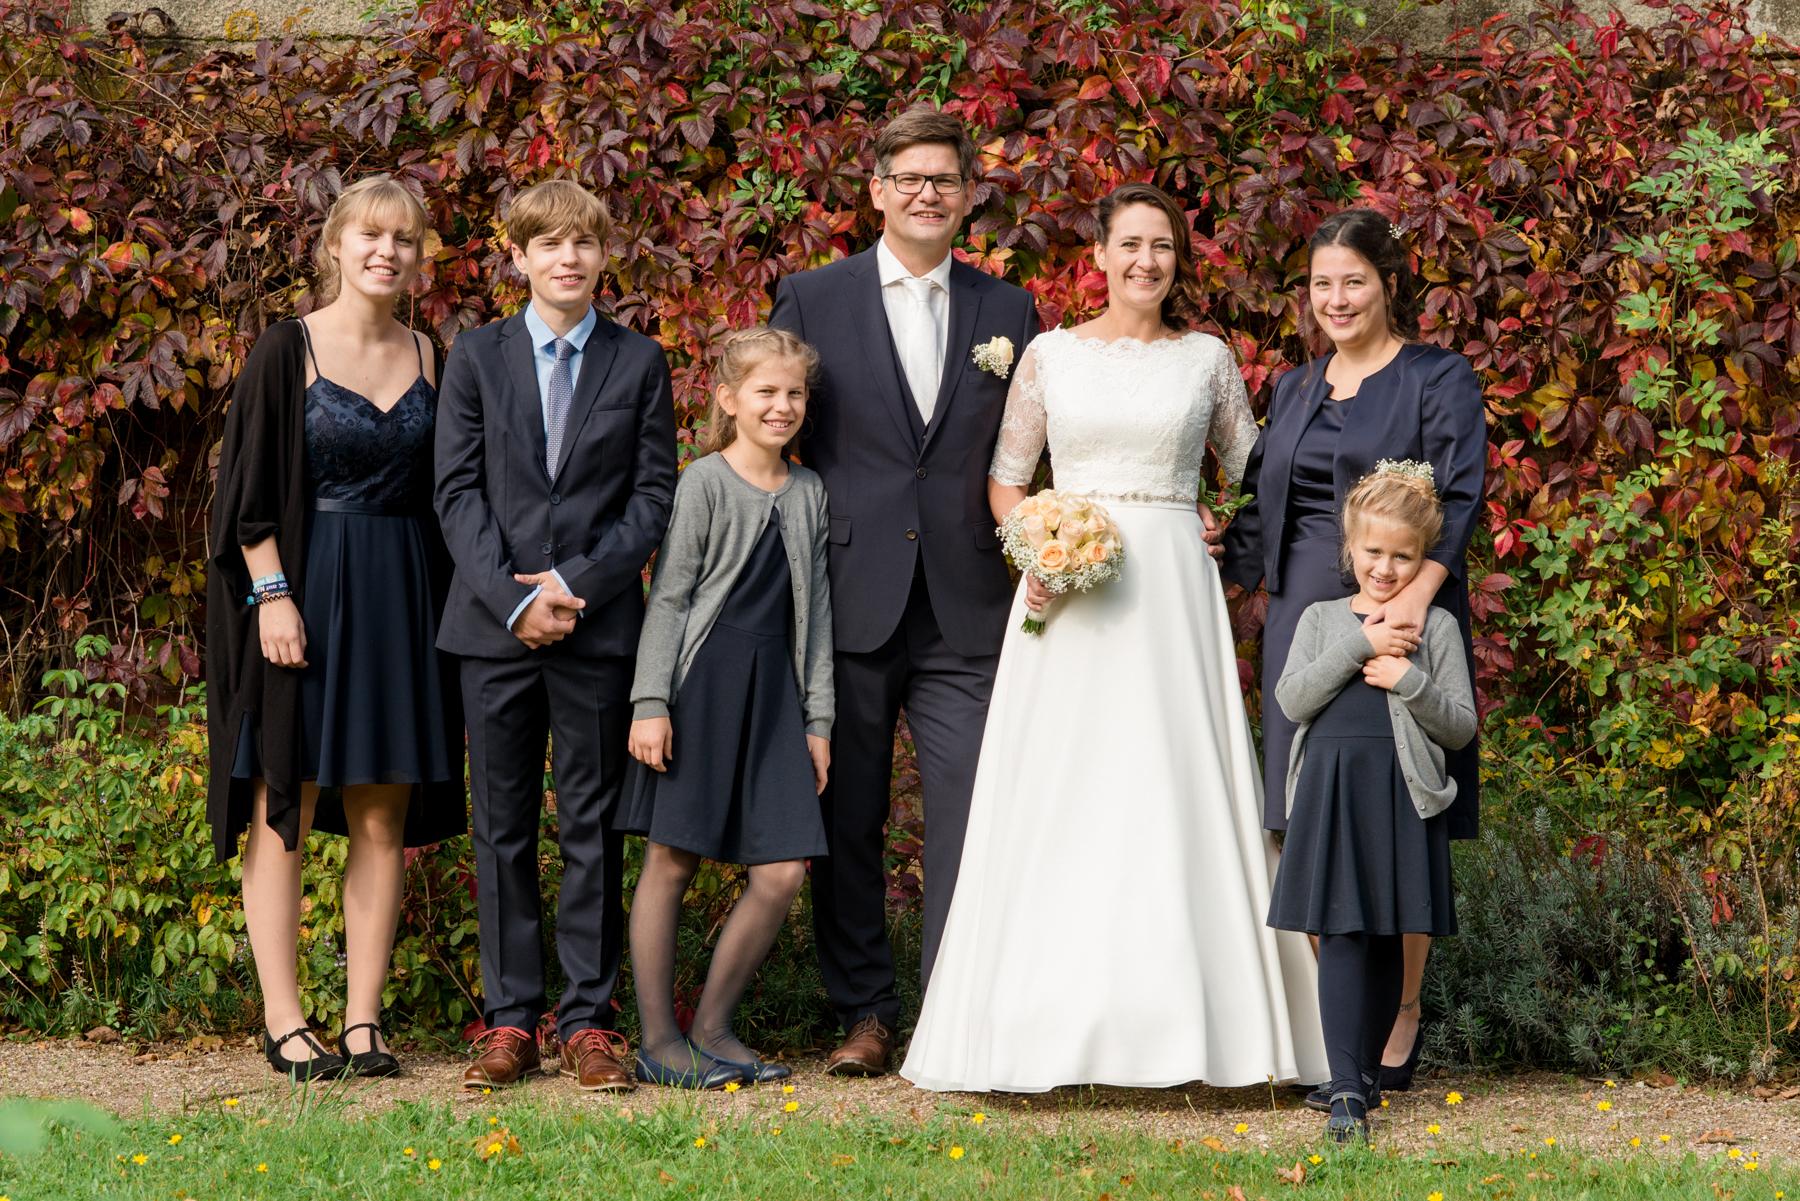 Bluhm-Hochzeitsfotograf-HochzeitamMeer-33.jpg